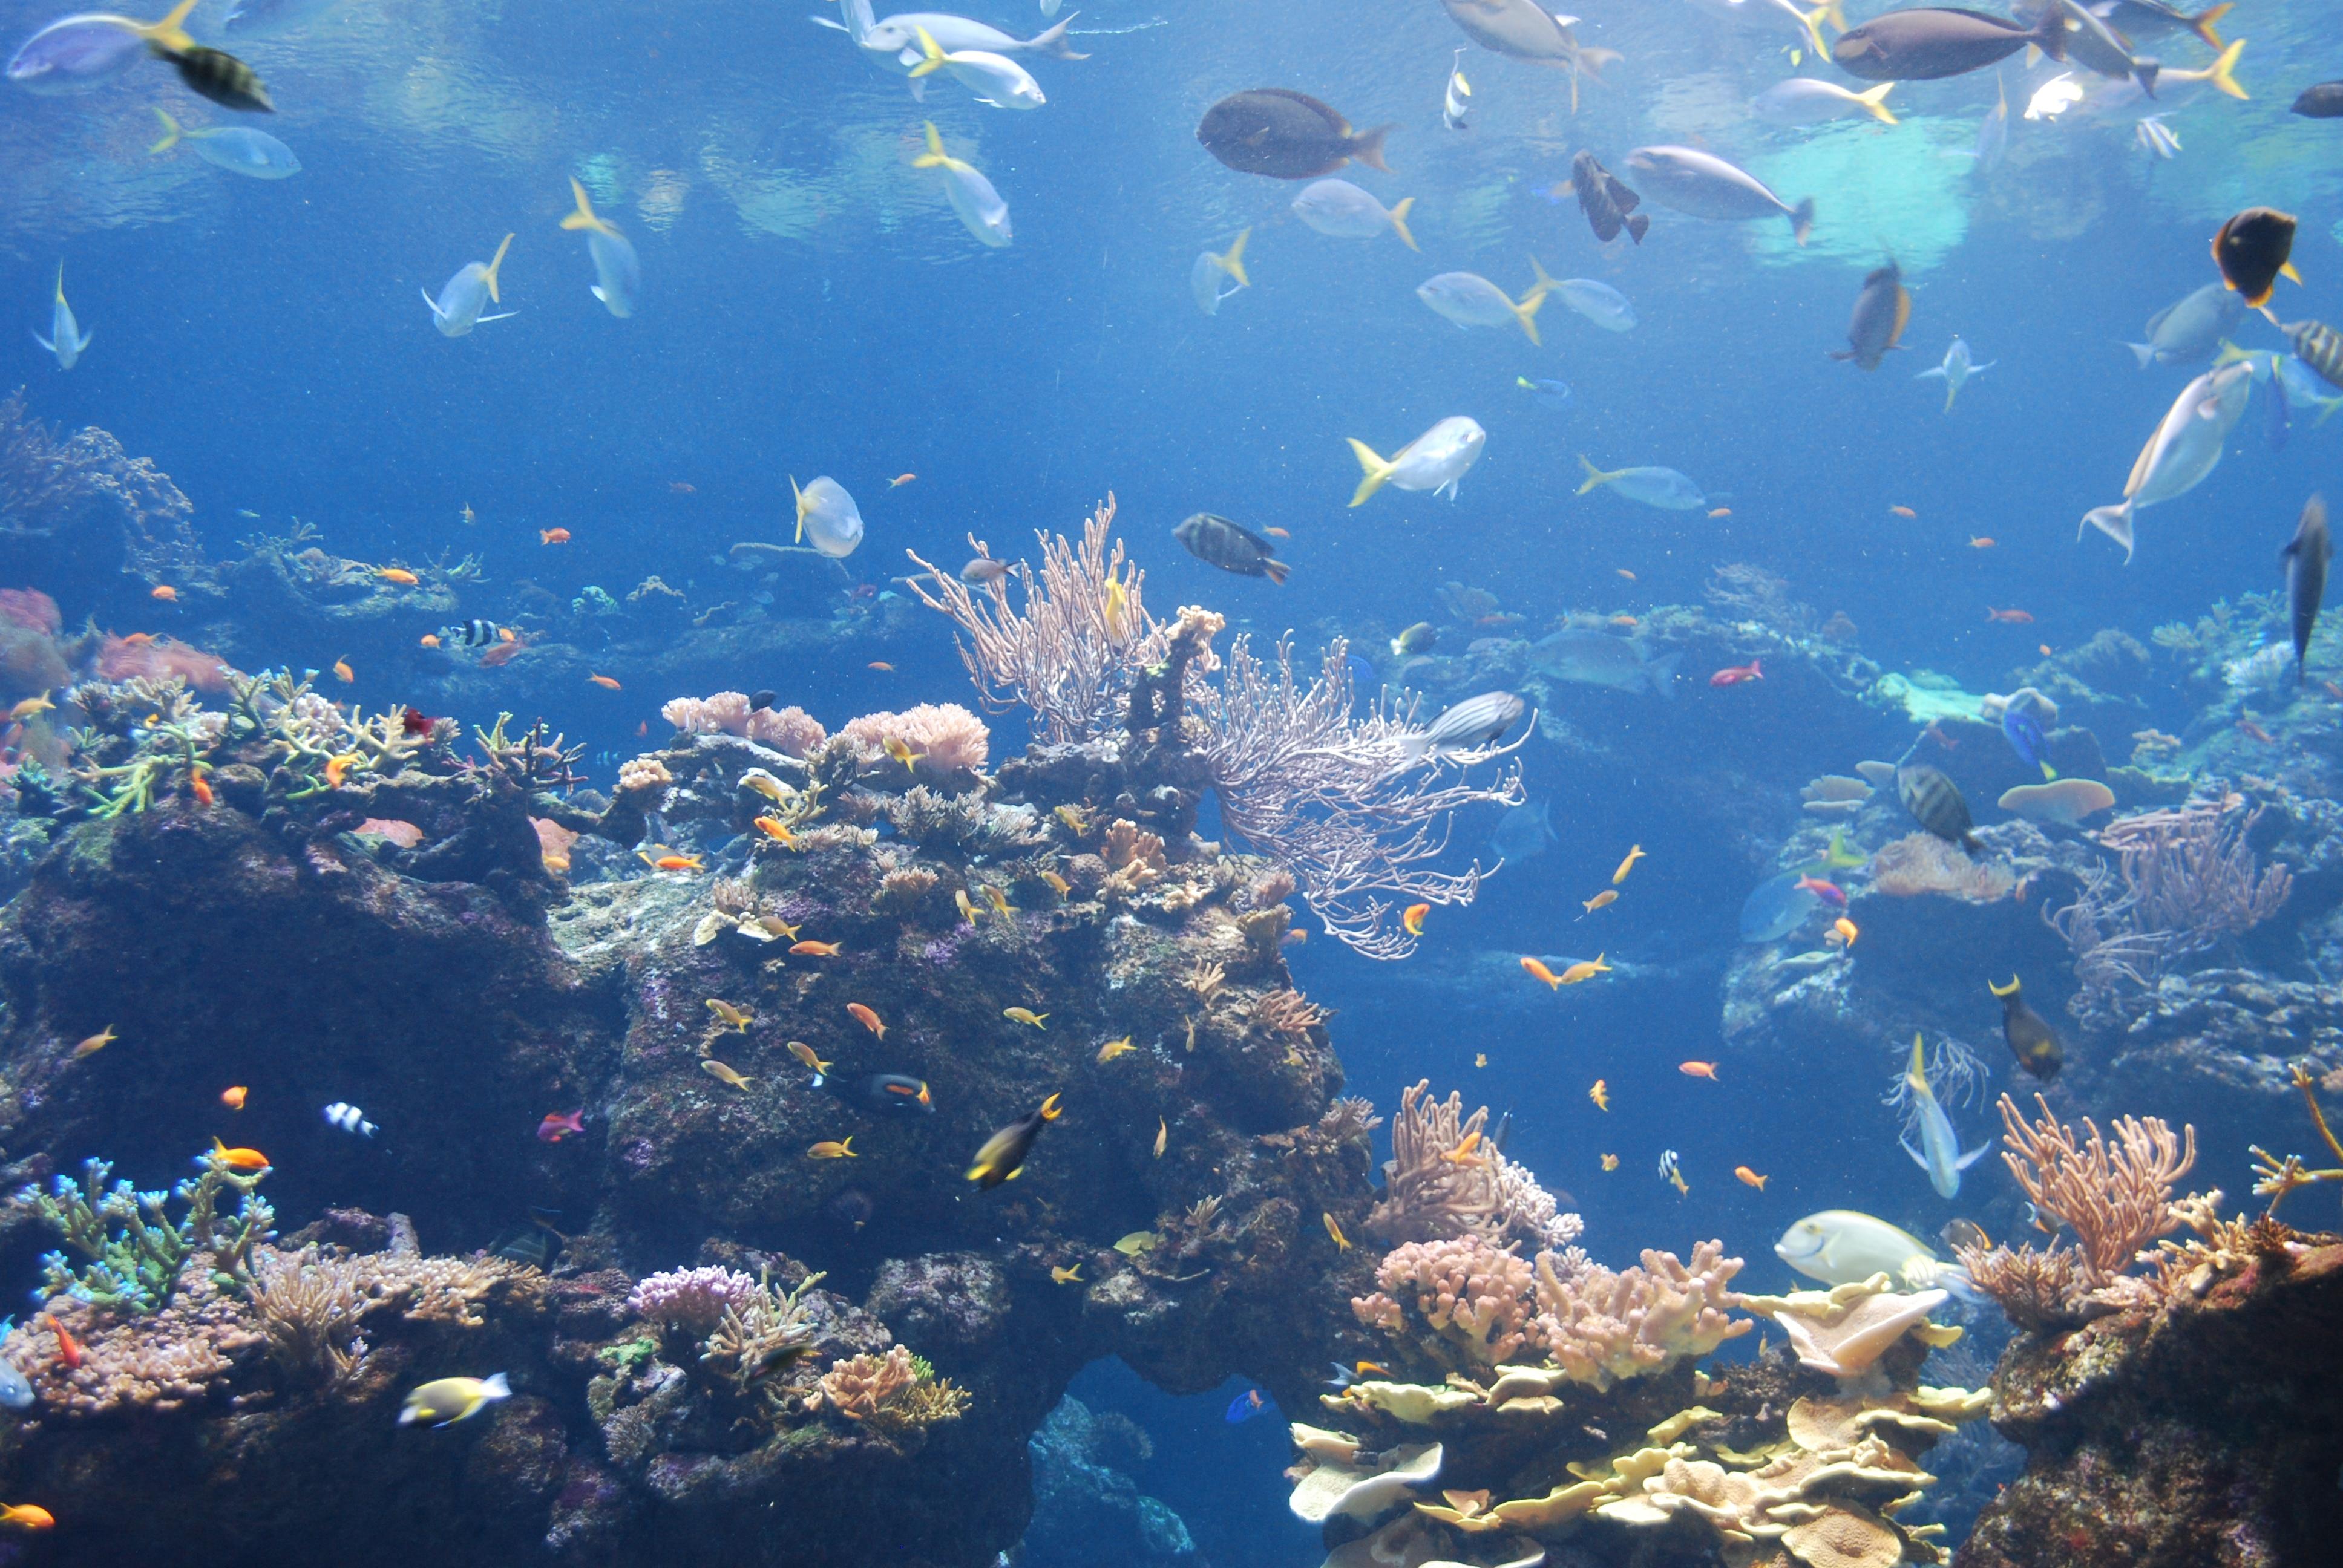 The aquarium at the California Academy of Sciences